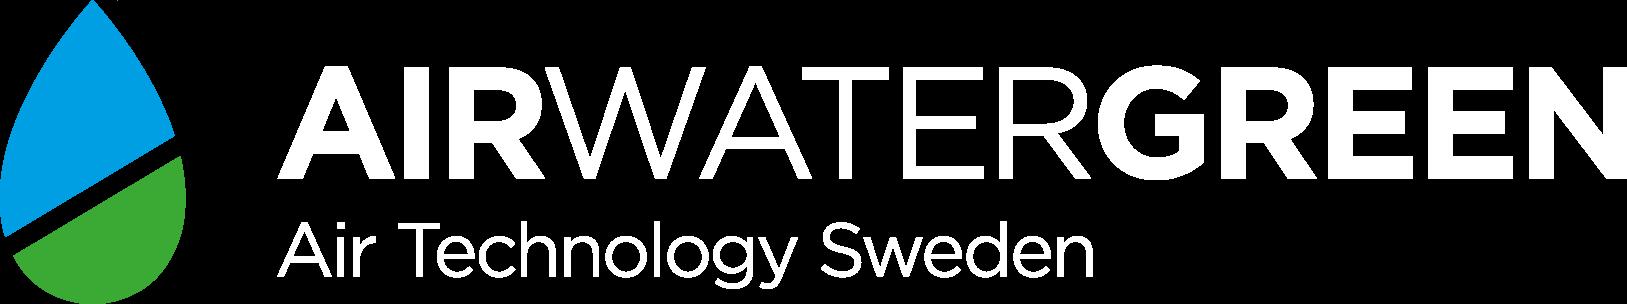 Airwatergreen